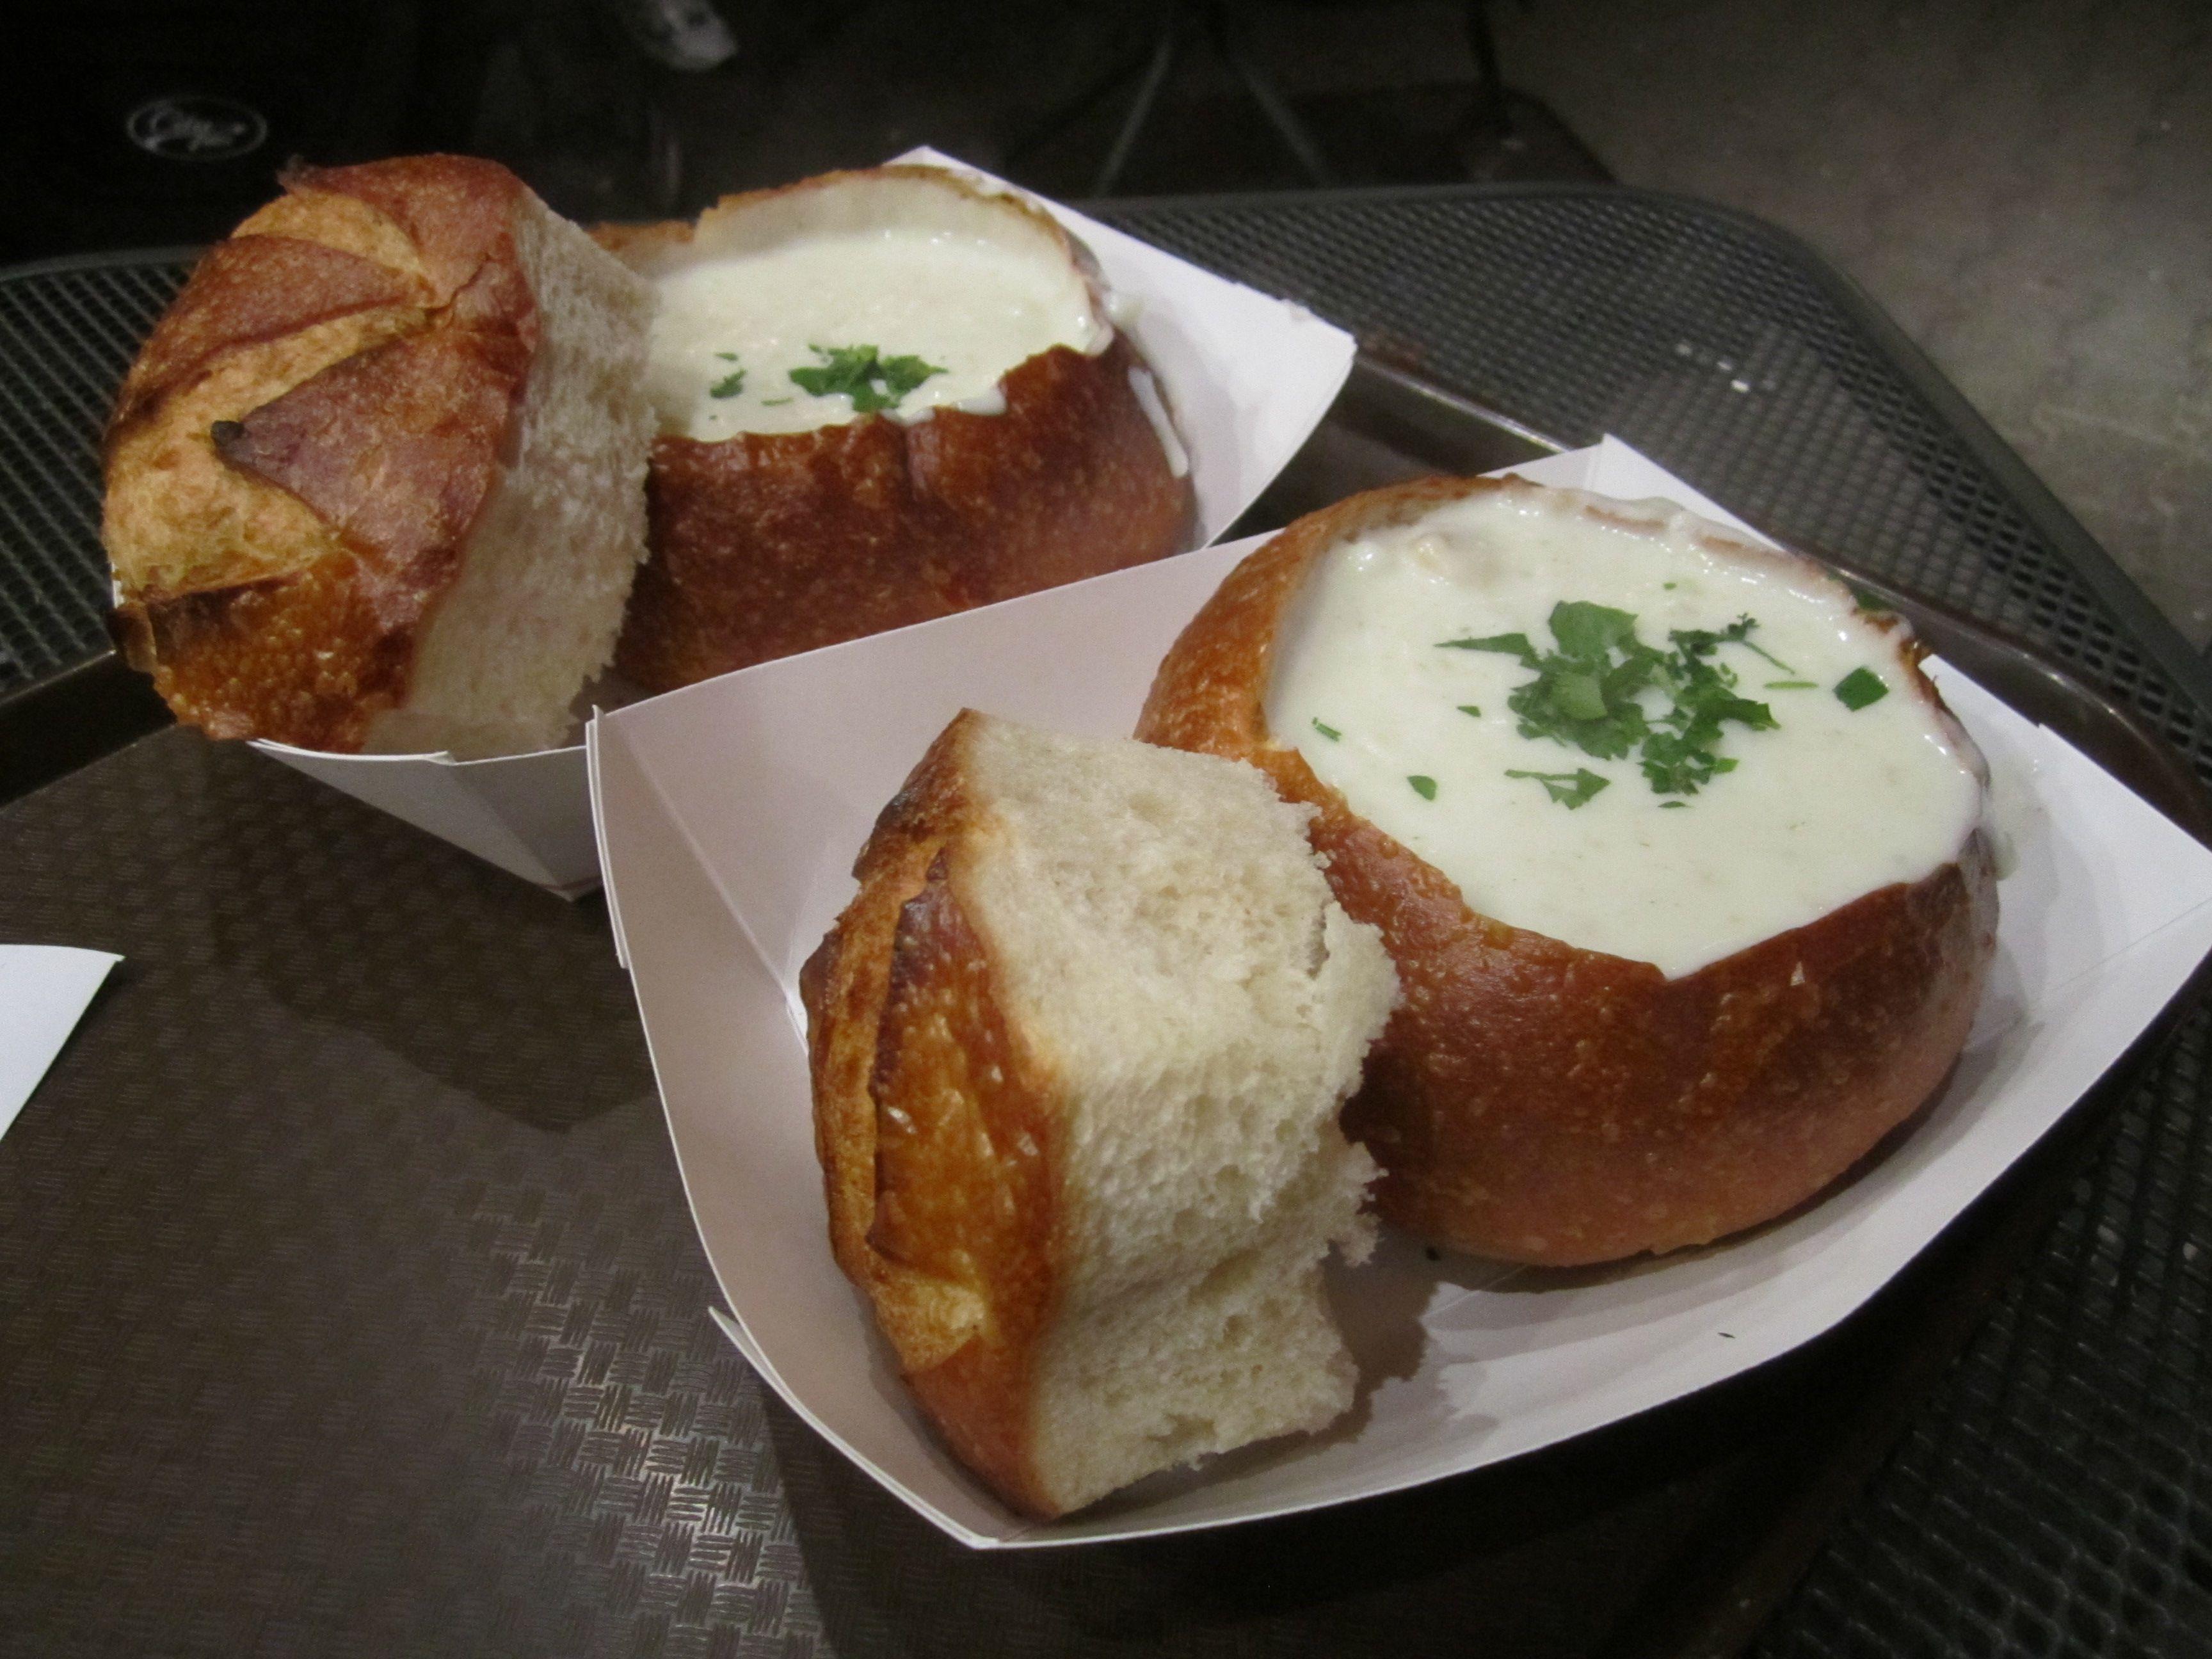 Boudin sourdough bakery cafe sf bakery cafe food